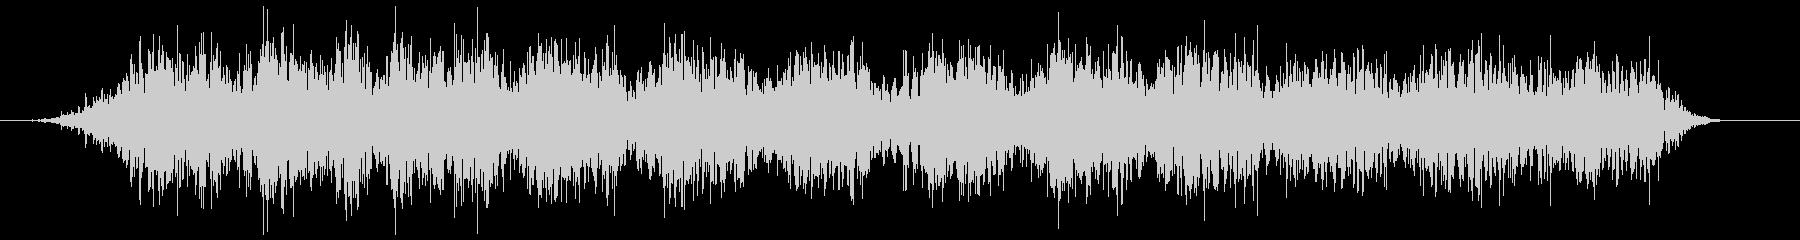 電気ポット 駆動音のみ(ブォォォン)の未再生の波形